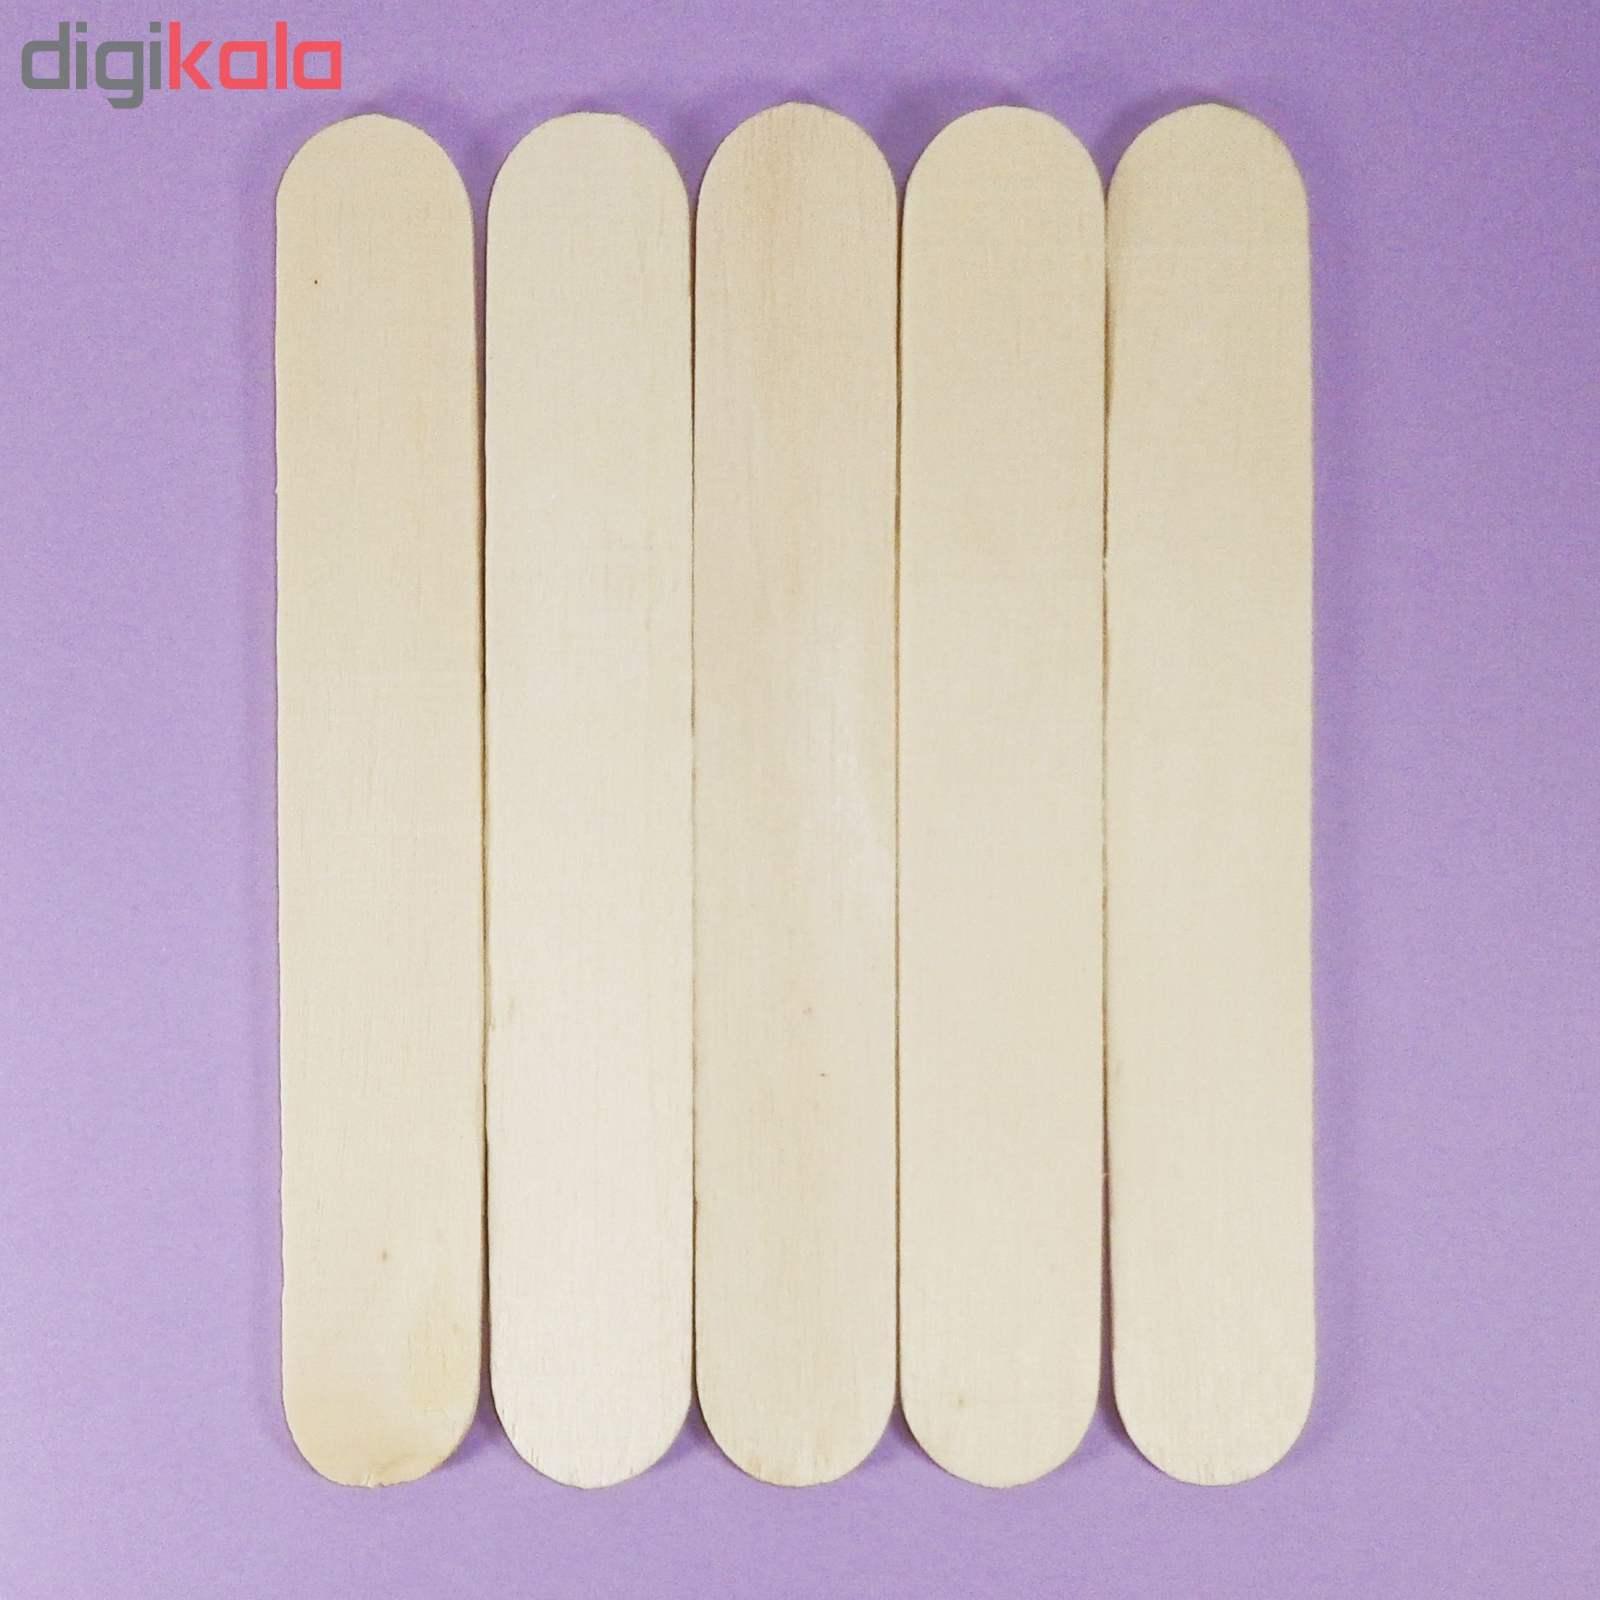 چوب بستنی پهن مدل P3001_01 بسته 40 عددی main 1 1